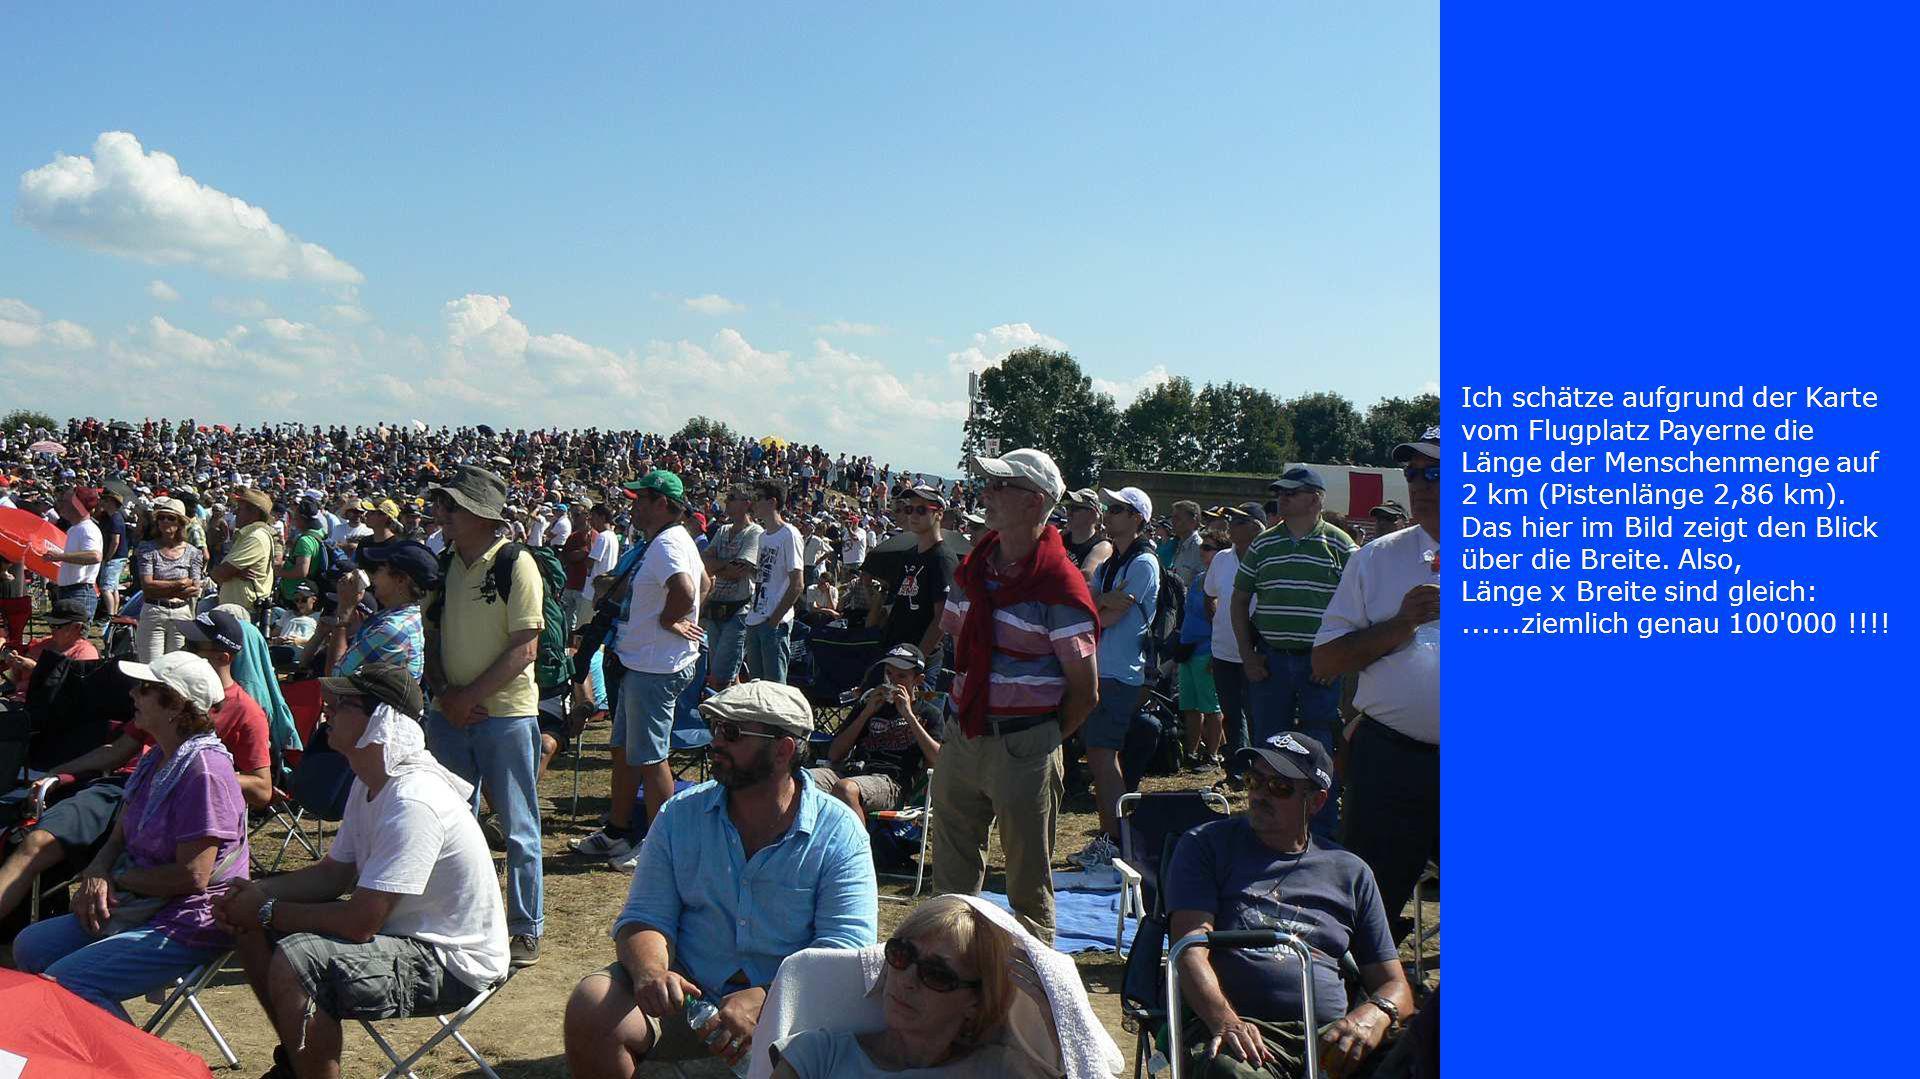 Ich schätze aufgrund der Karte vom Flugplatz Payerne die Länge der Menschenmenge auf 2 km (Pistenlänge 2,86 km). Das hier im Bild zeigt den Blick über